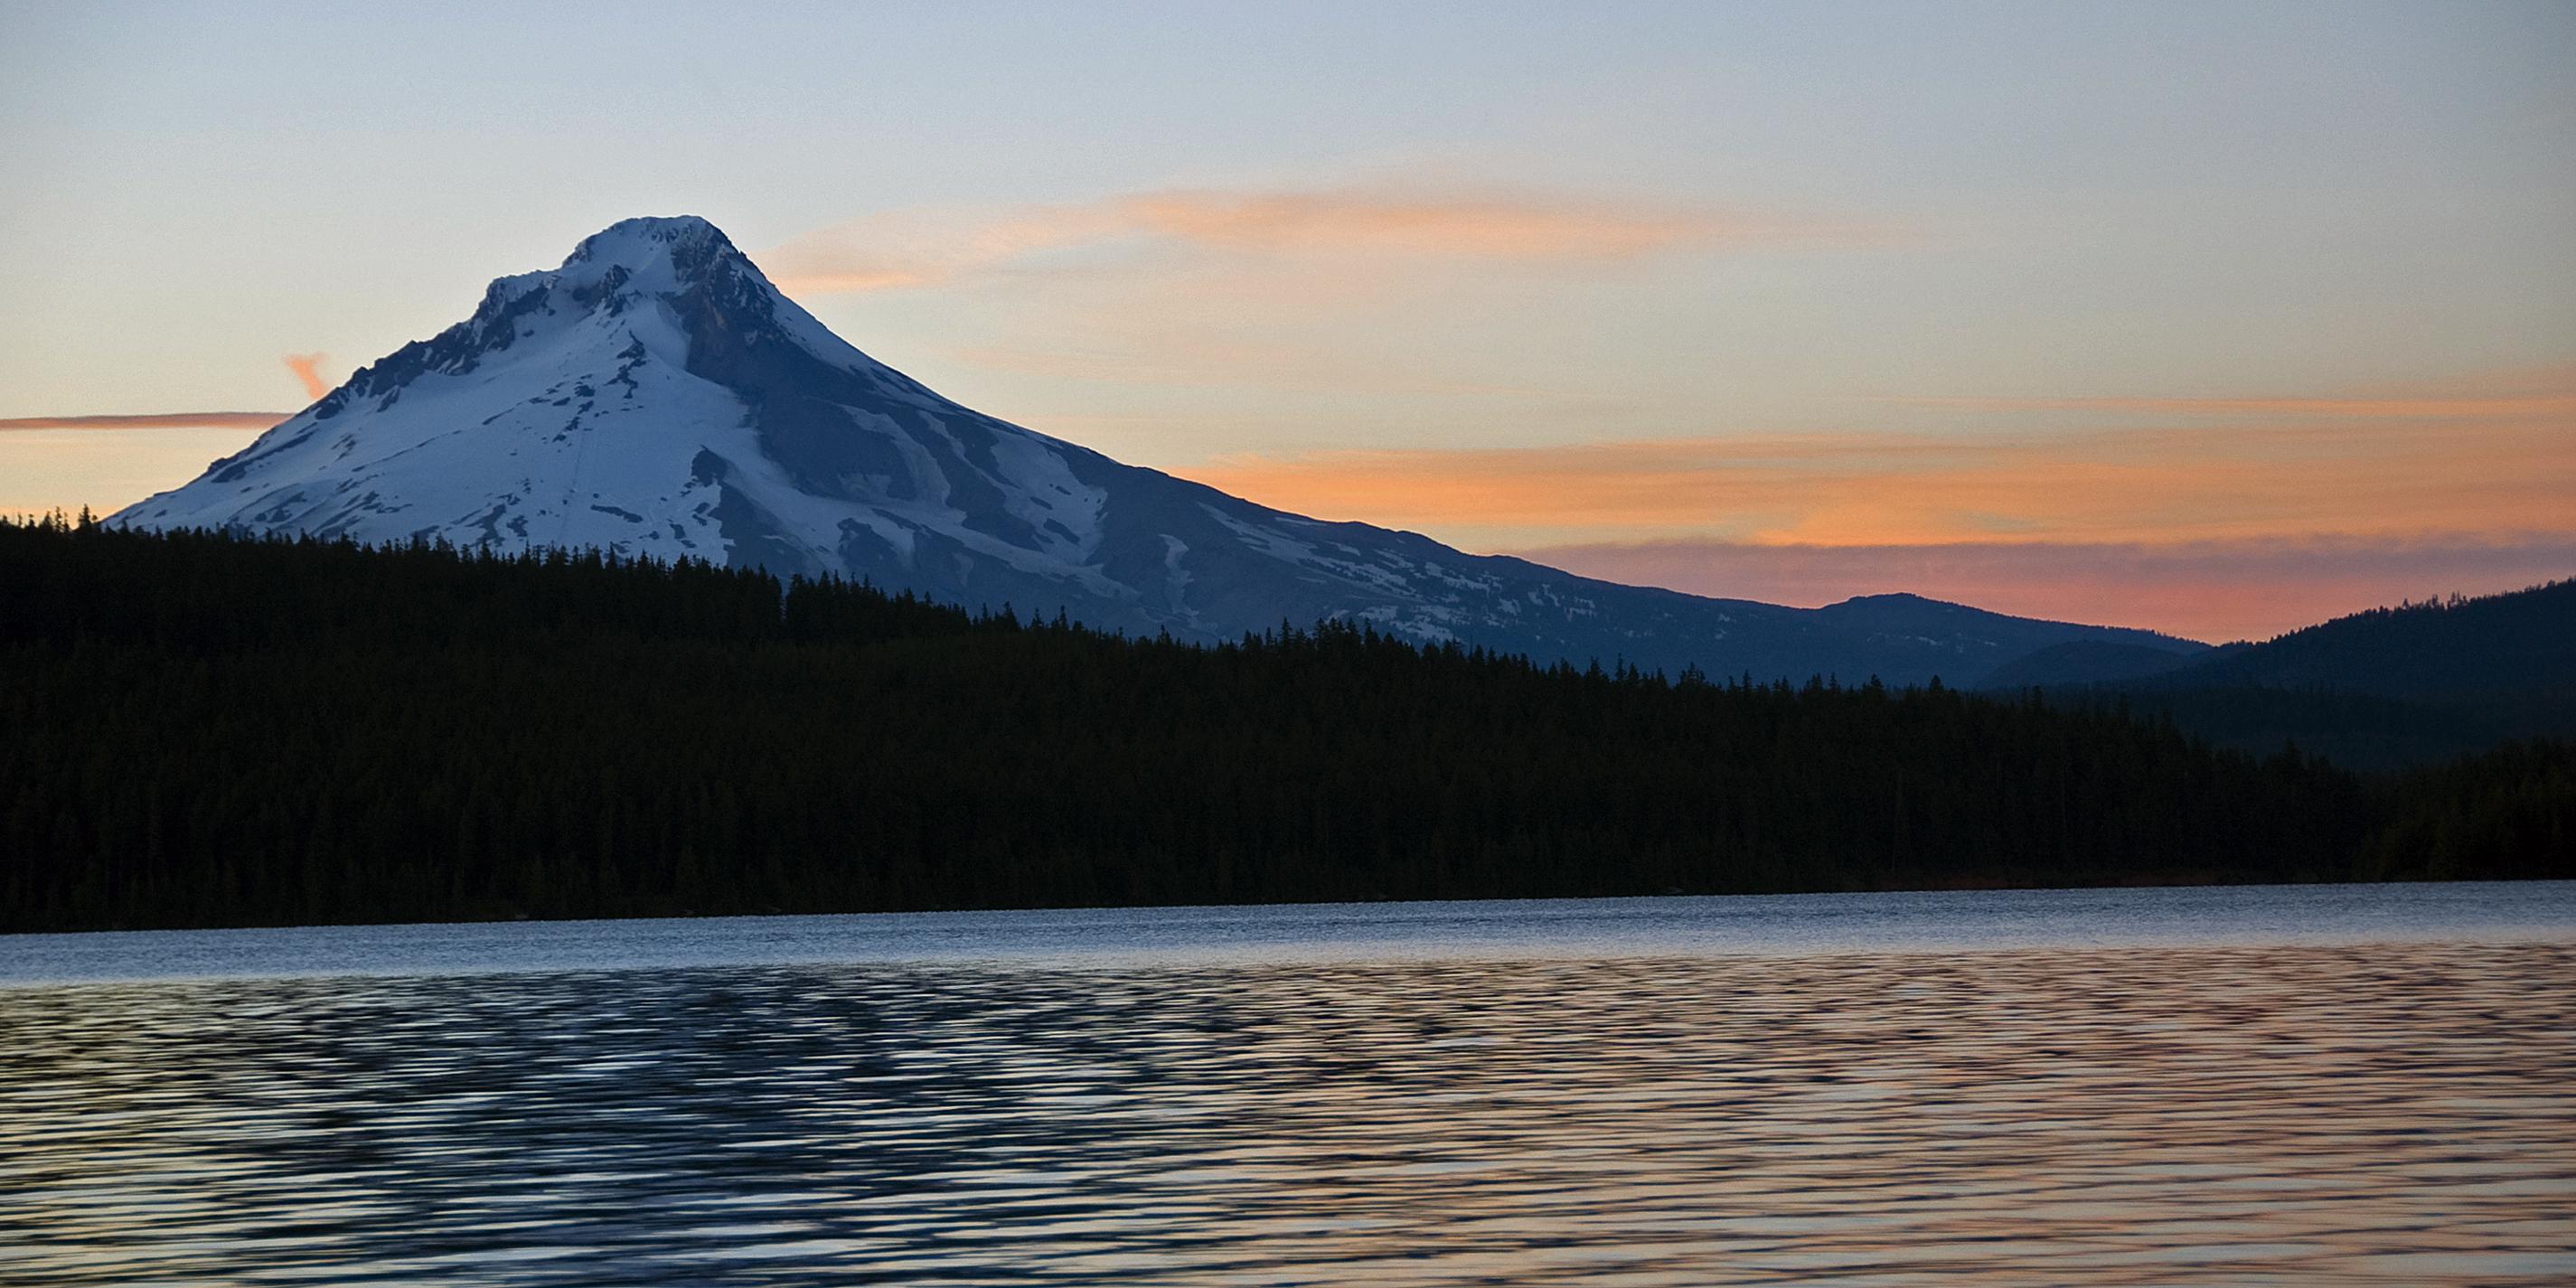 Mt Hood at Dusk